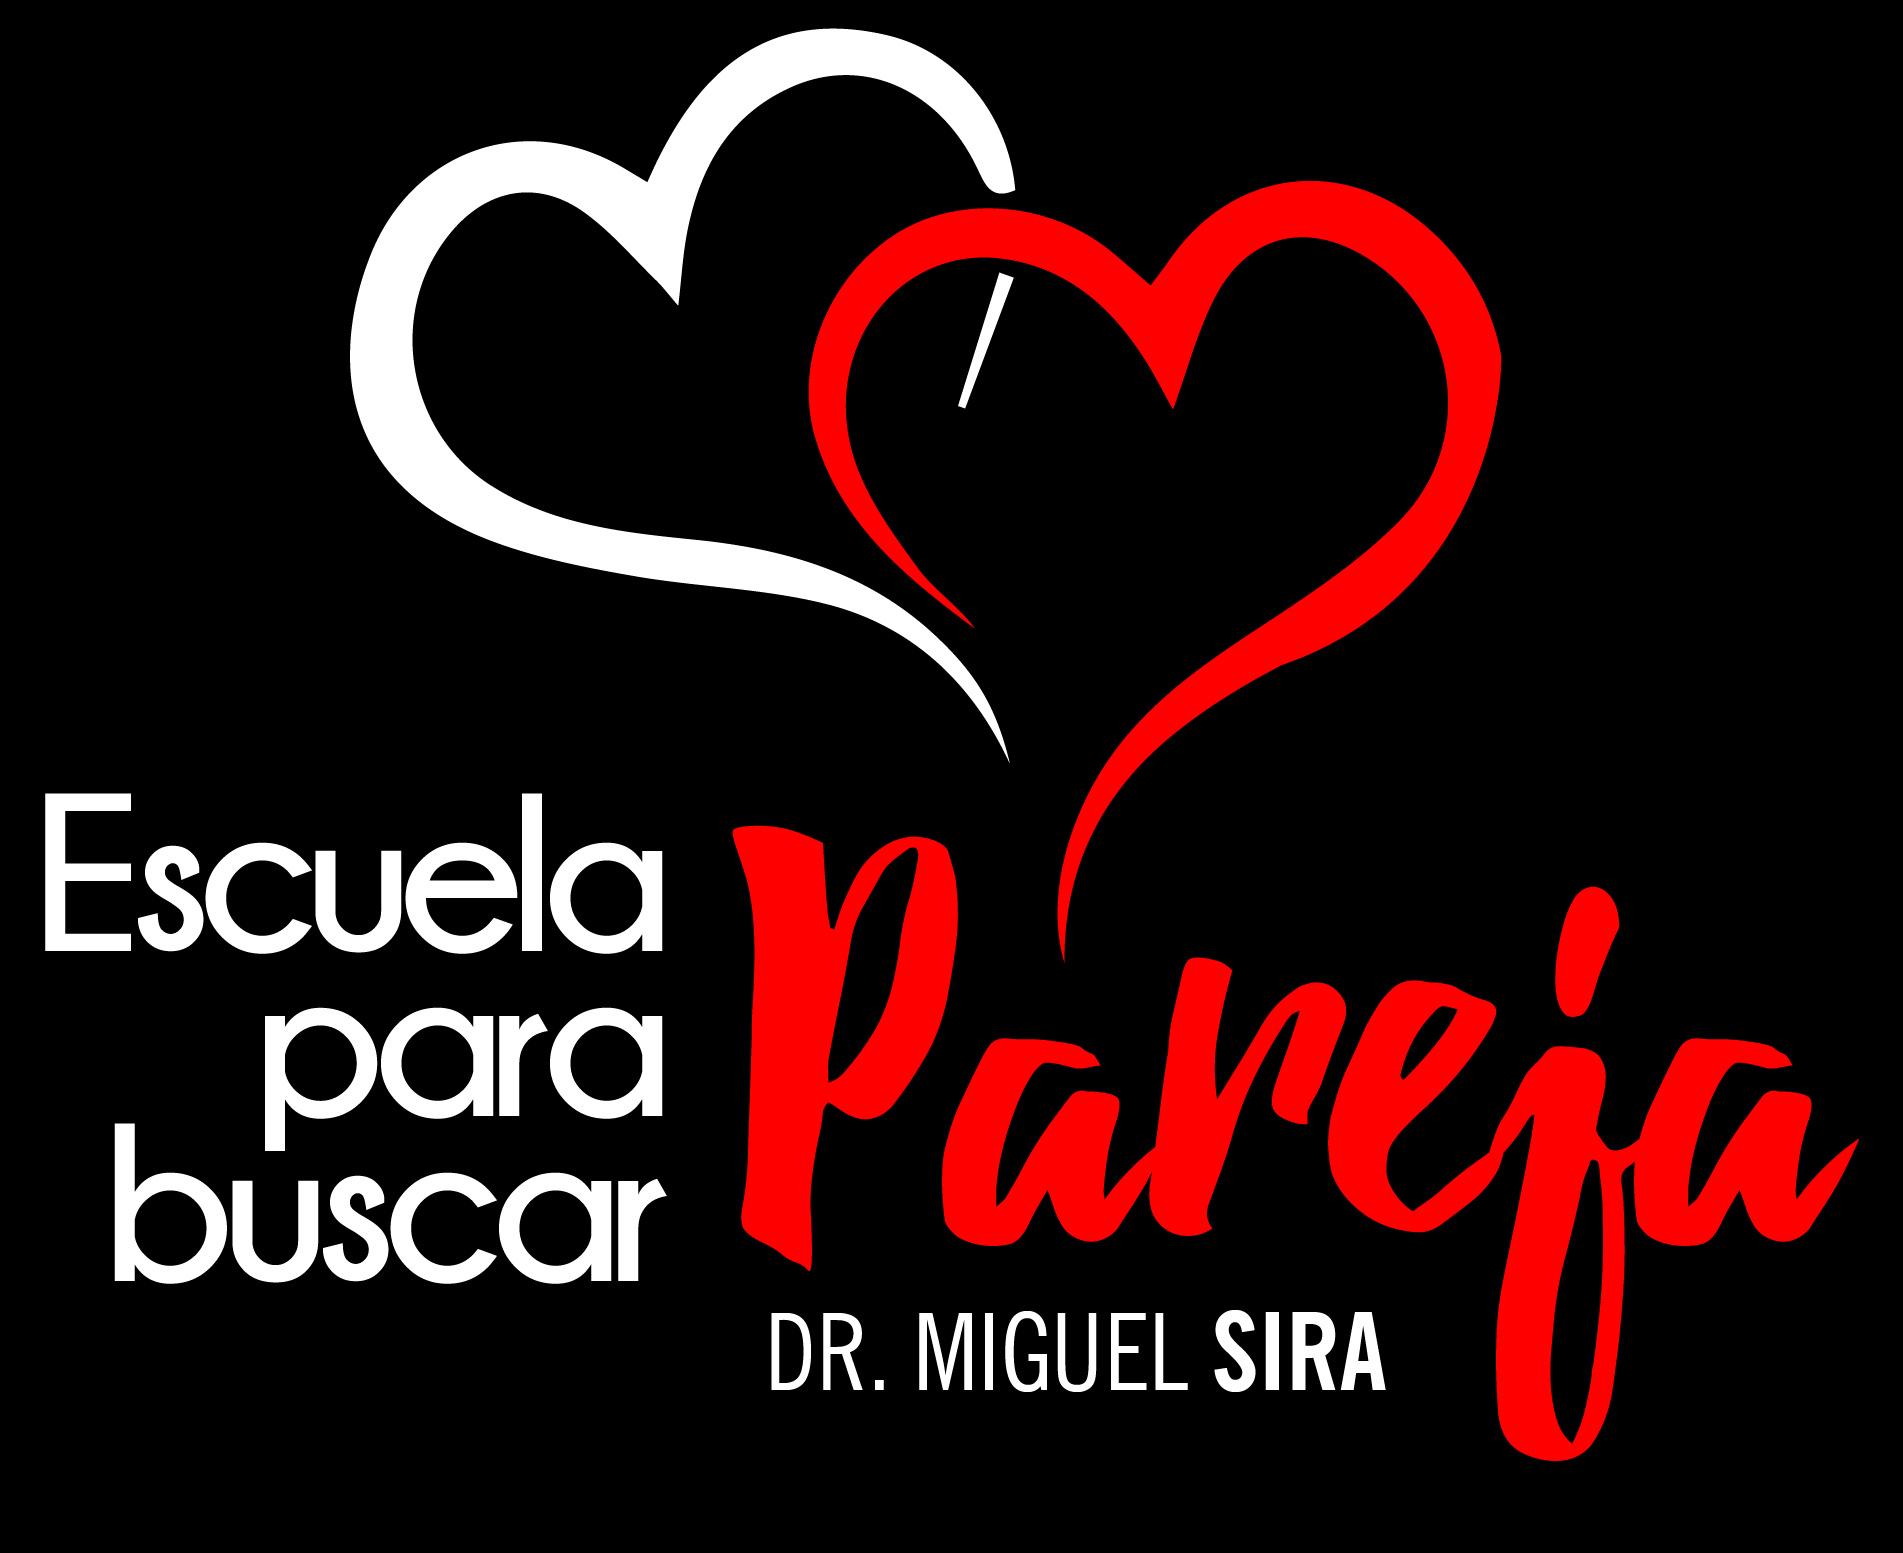 """Escuela para Buscar Pareja """"Dr. Miguel Sira"""""""